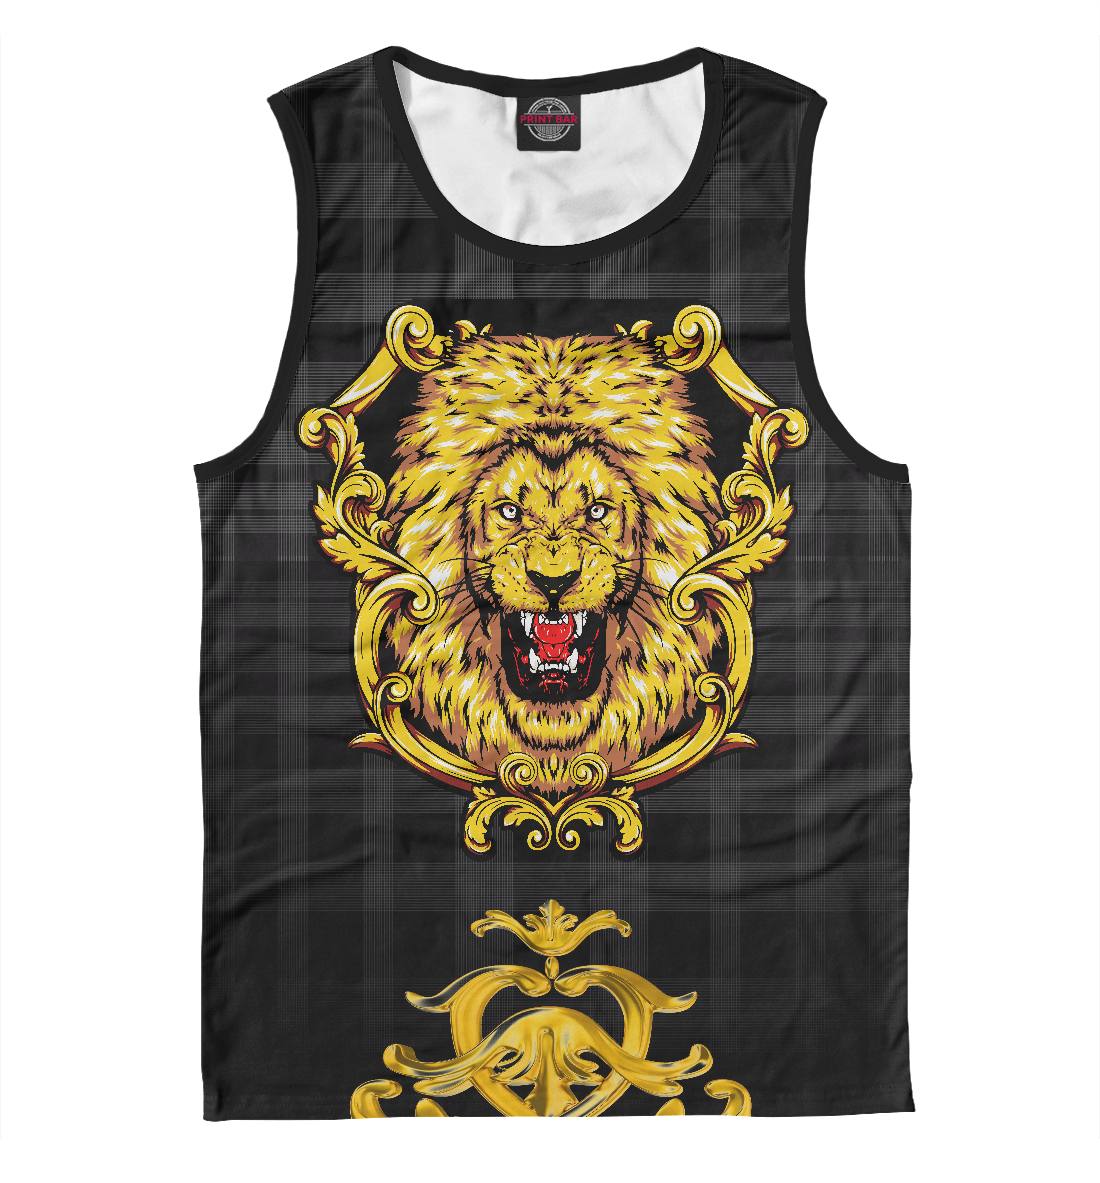 Купить Золотой лев, Printbar, Майки, APD-321463-may-2